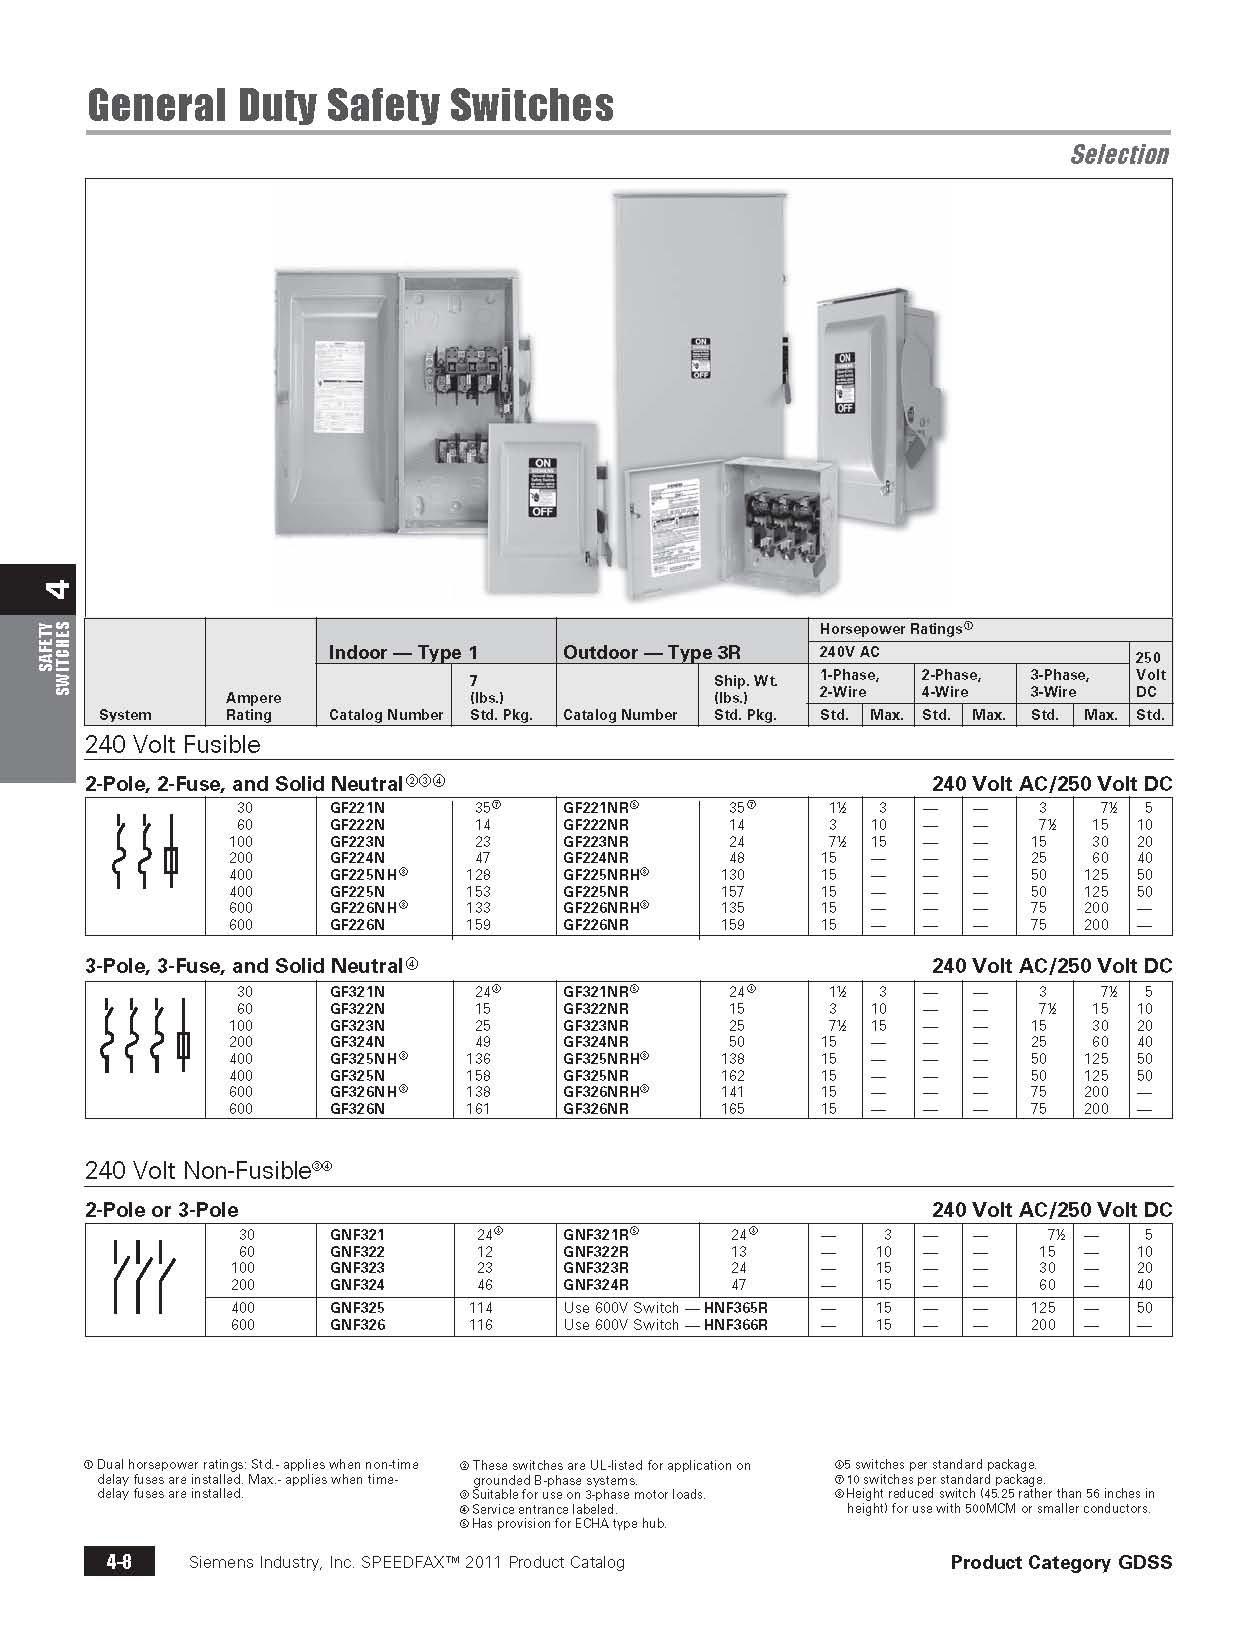 SIEMENS GF221NU 30 Amp, 2 Pole, 240-Volt, Cartridge Fused, General Duty, W/N Indoor Rated by Siemens (Image #3)